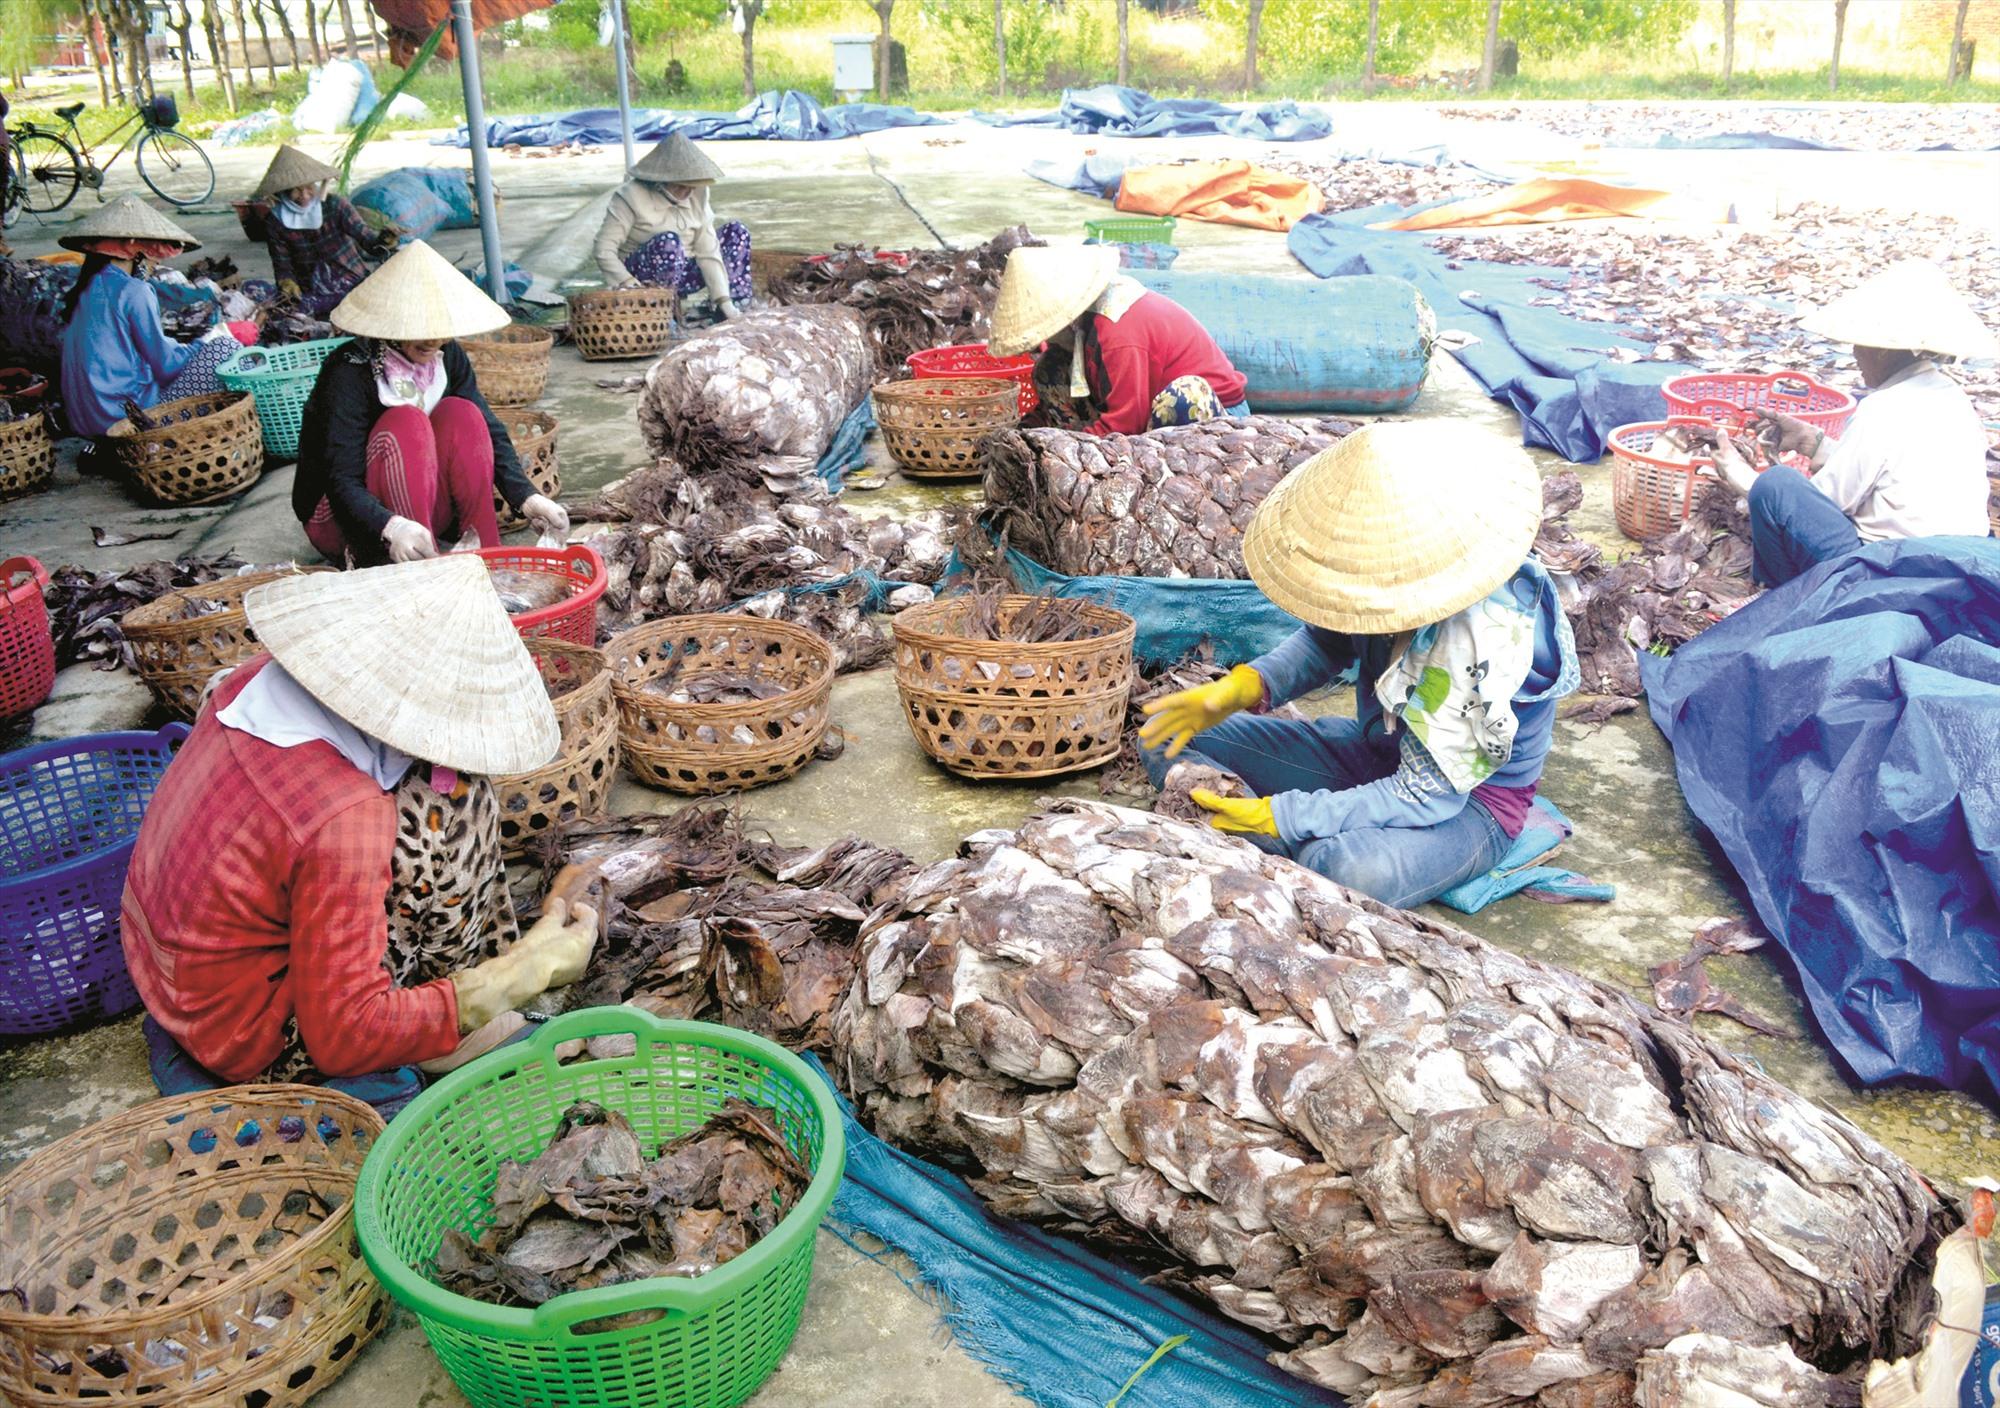 Do phụ thuộc vào thị trường Trung Quốc, sản phẩm mực xà đang bị ách tắc.Ảnh: Q.V